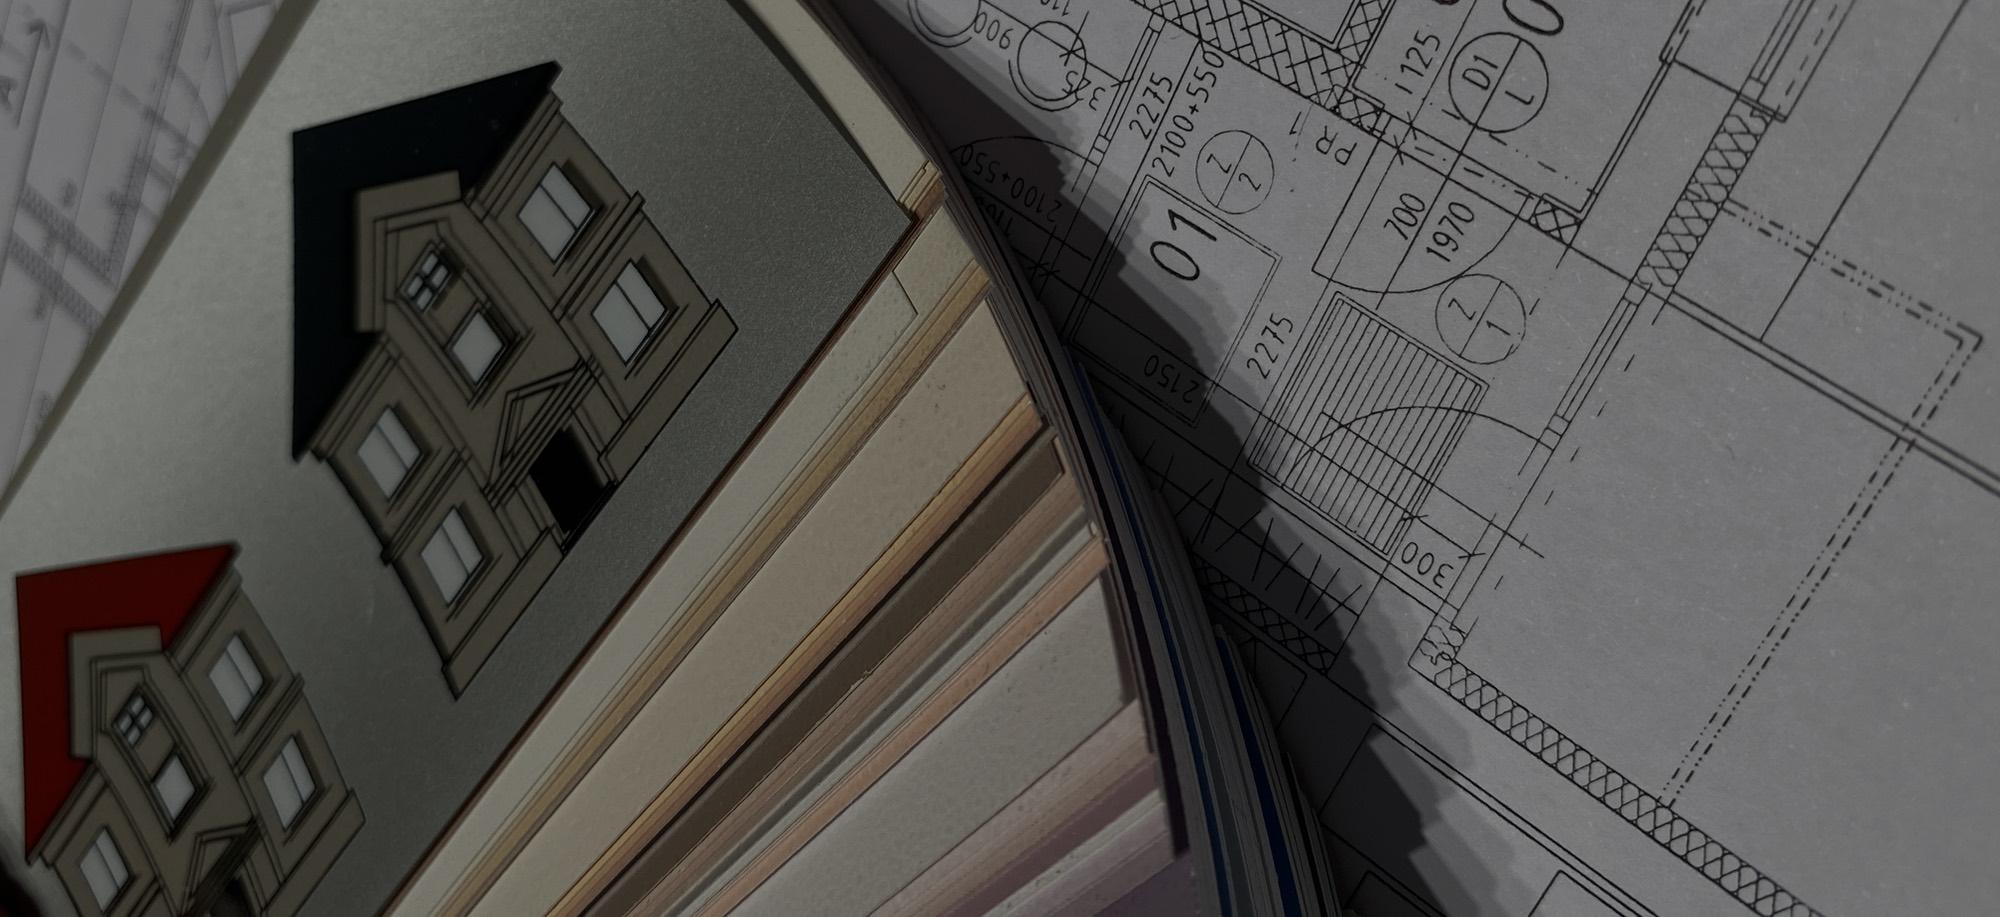 Stavebný inžinier - projektovanie bytov, projektovanie domov